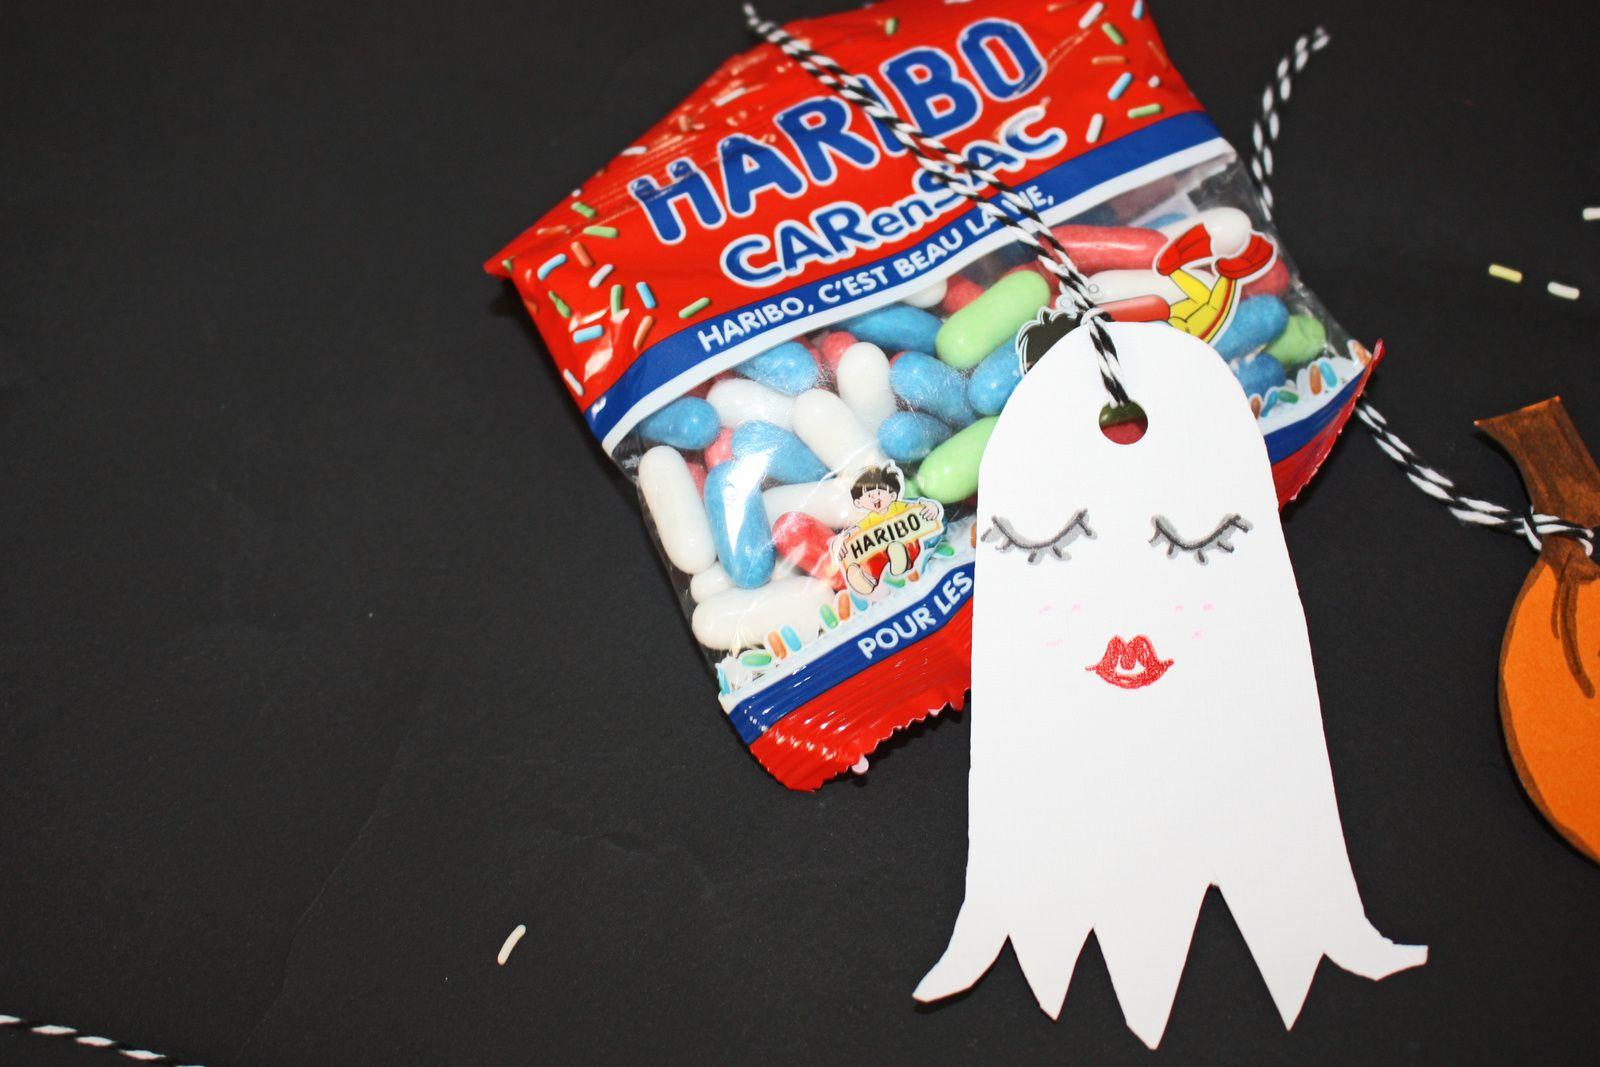 Des fantomes kawaï  pour halloween !